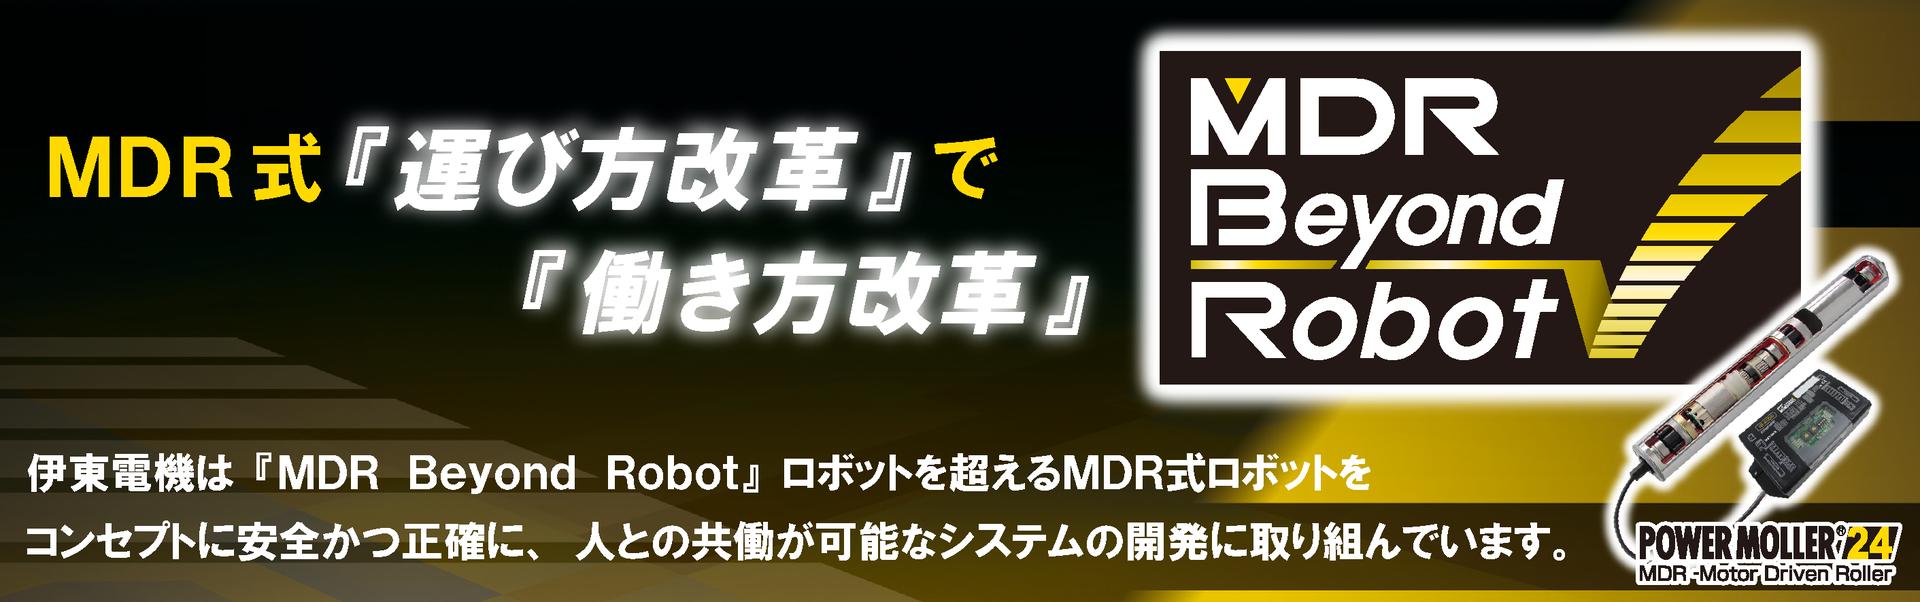 MDR式『運び方改革』で『働き方改革』